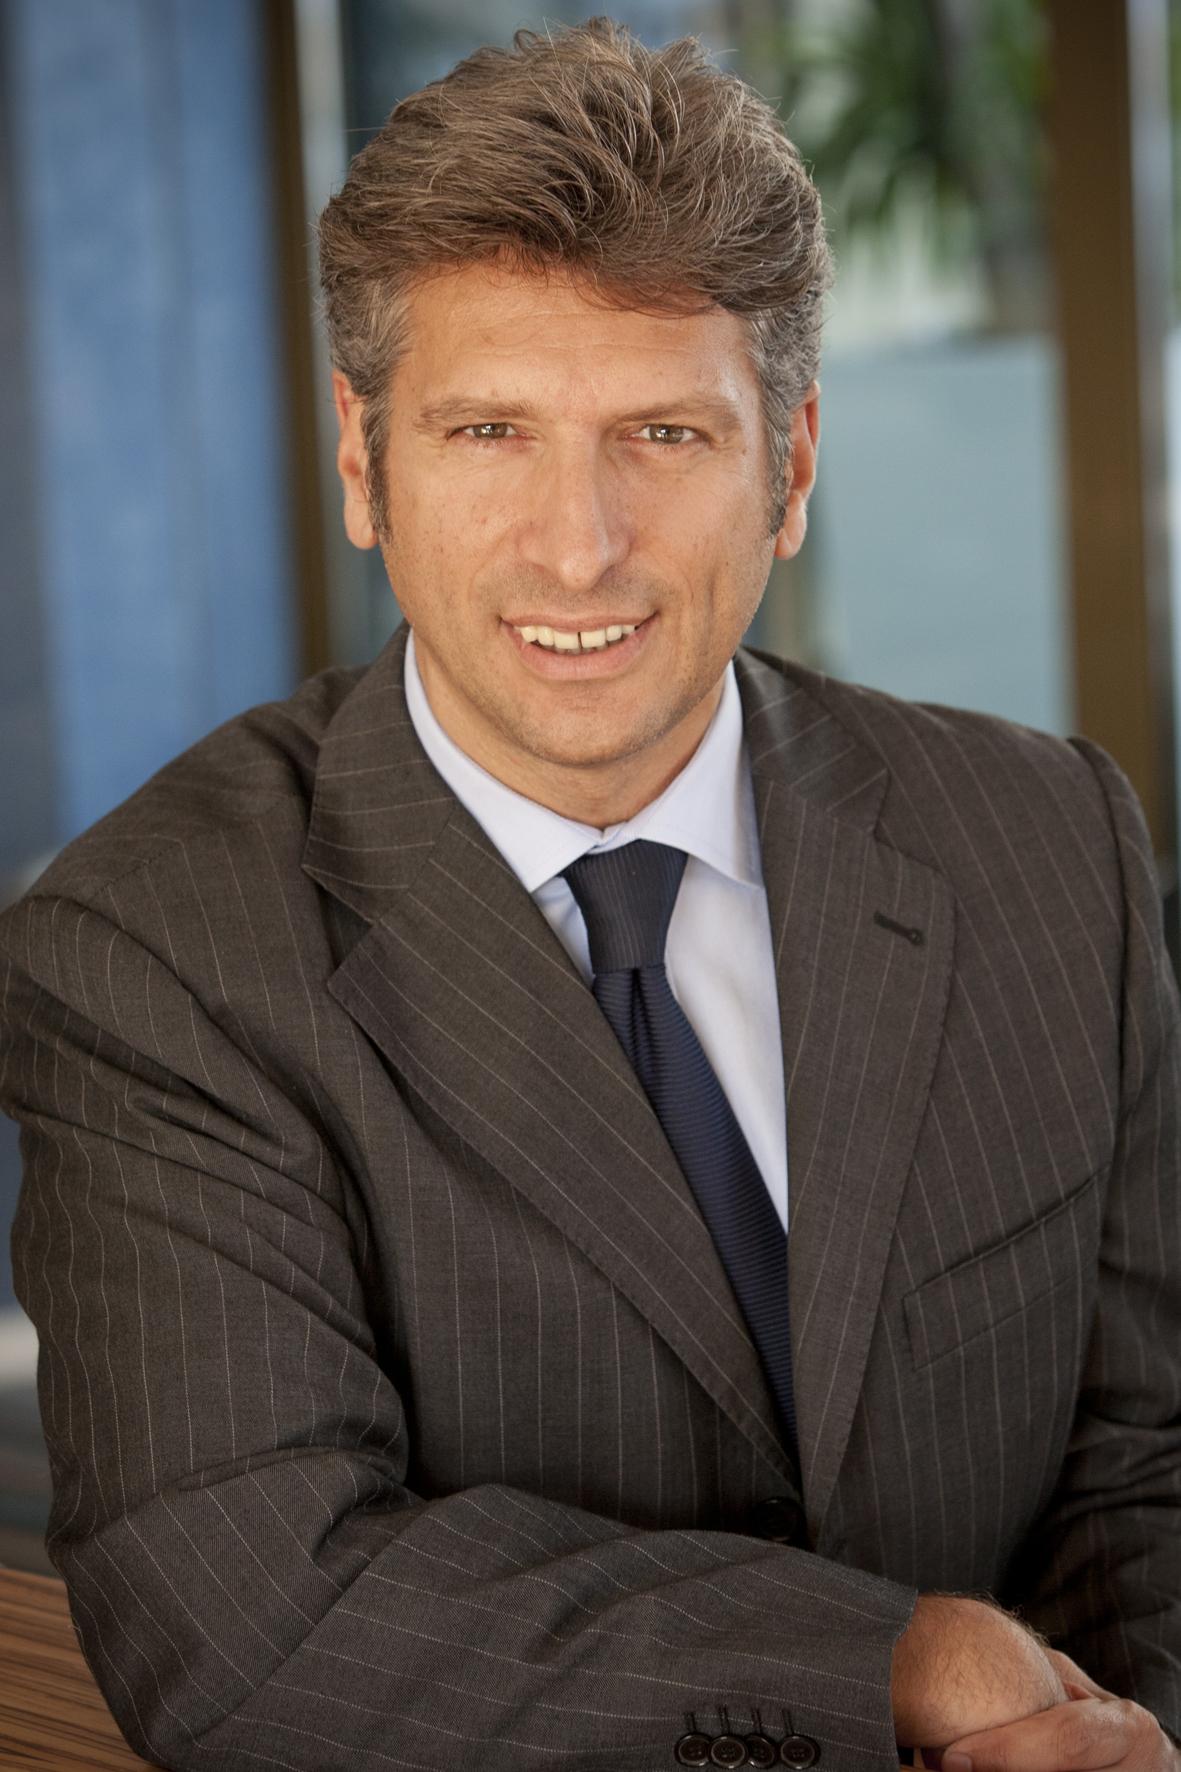 Antonio Ducceschi